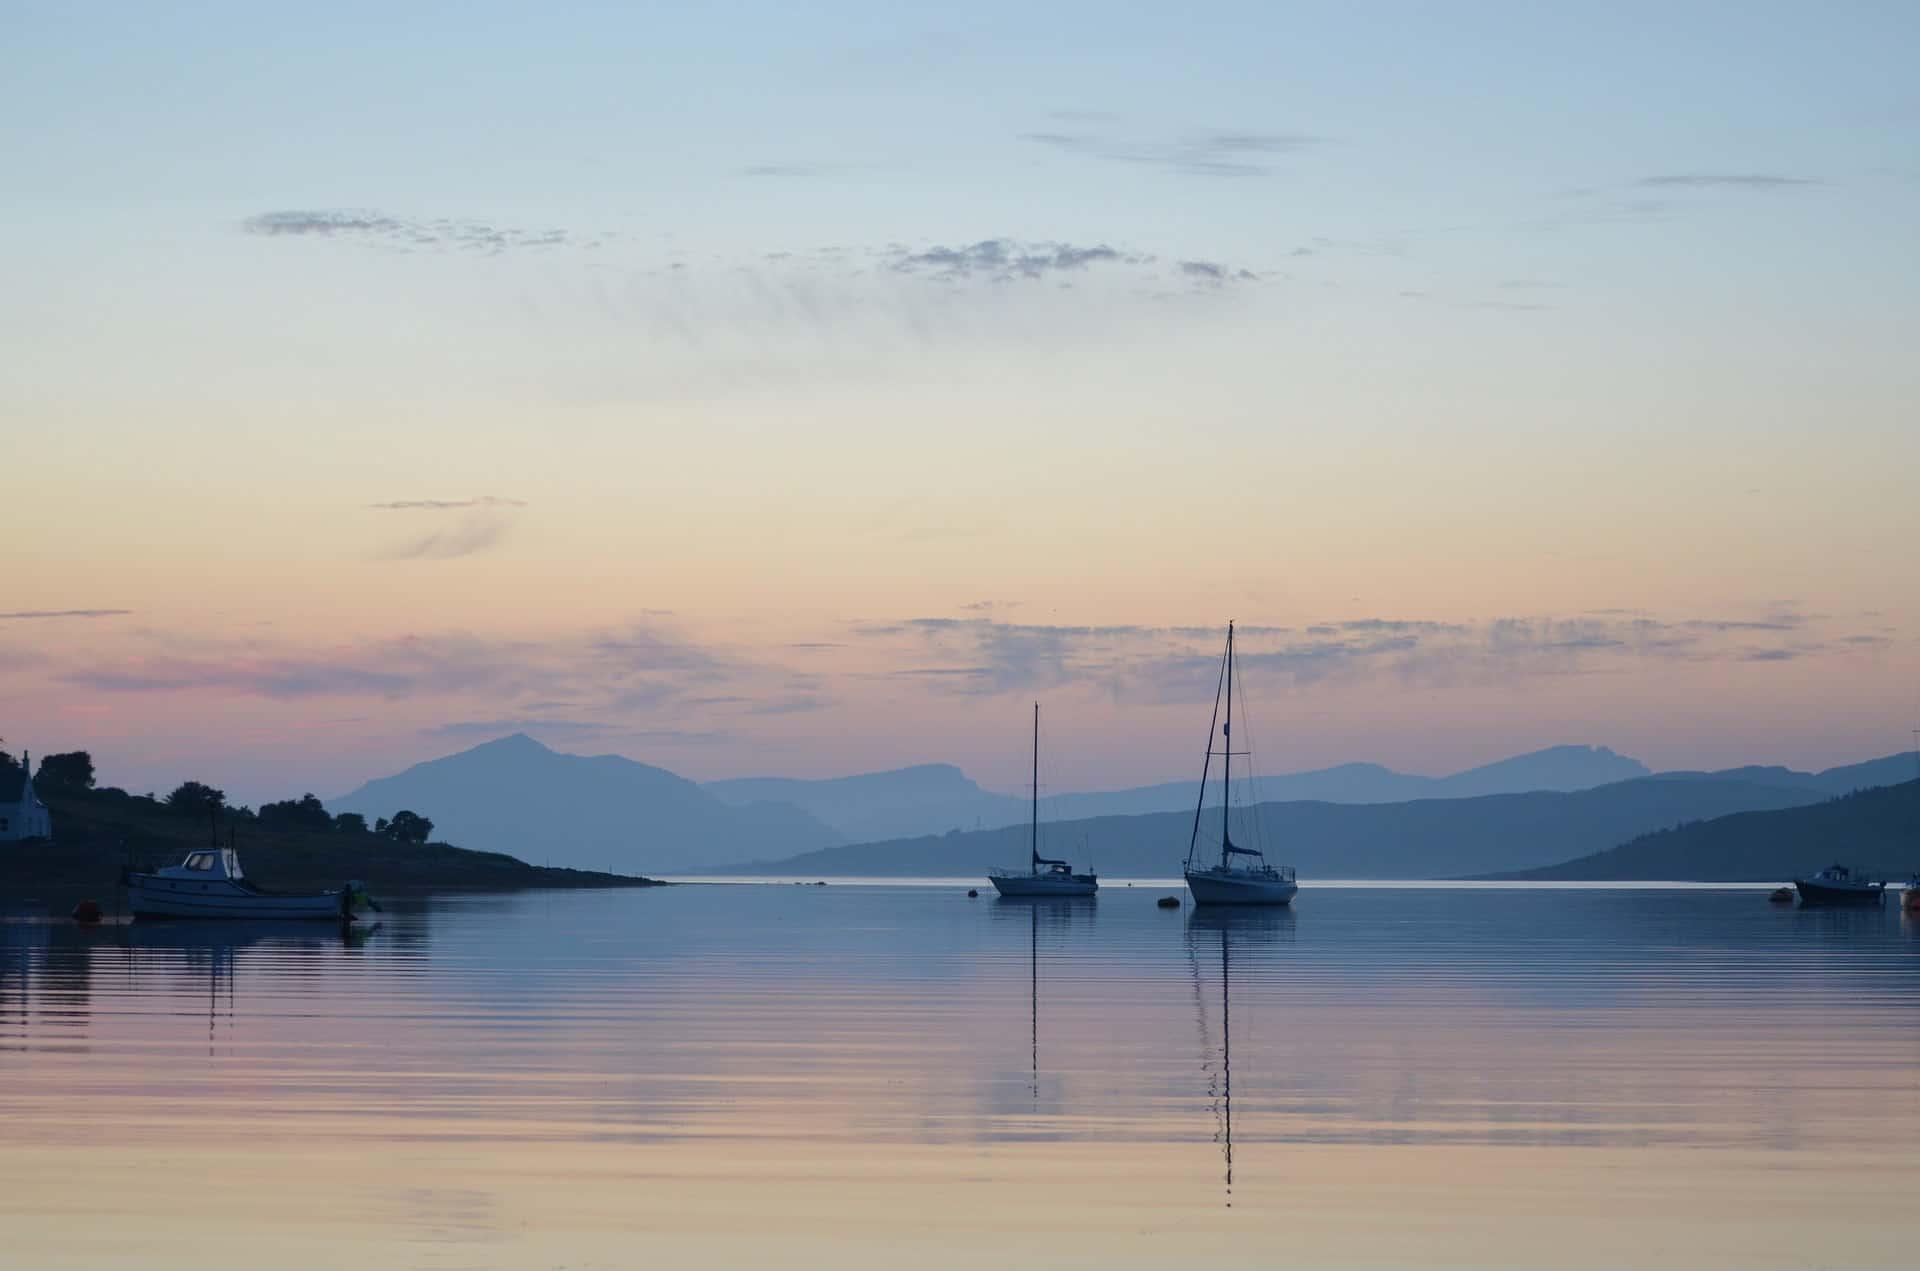 żaglówki na jeziorze Loch Ness o zachodzie słońca